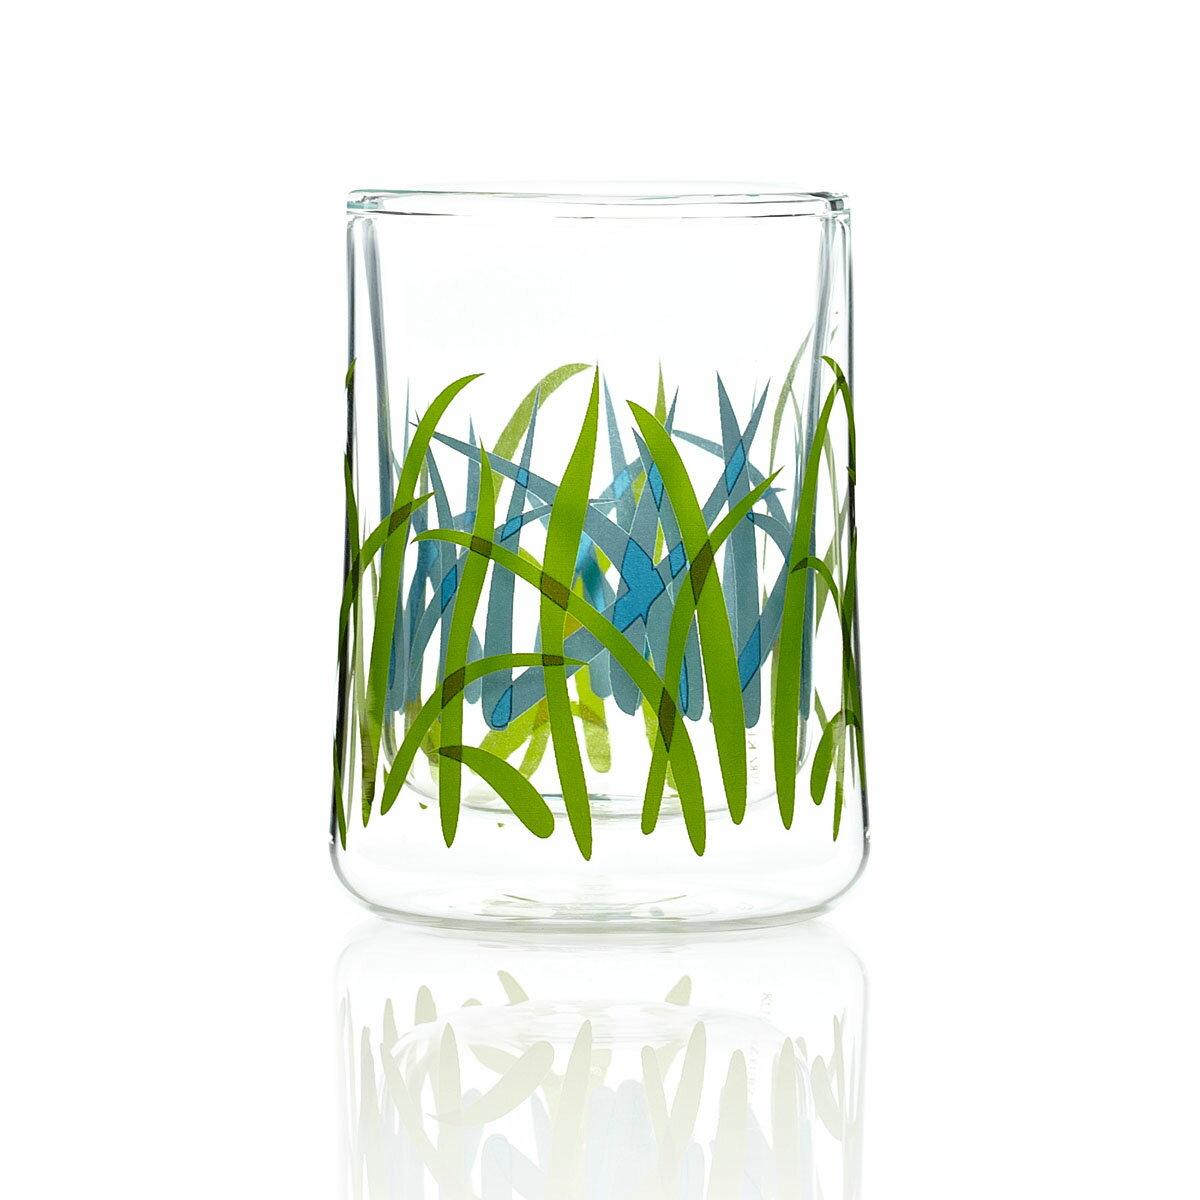 【ポイント20倍】RITZENHOFF リッツェンホフ NATURAL COLLECTION/ナチュラル グラス(Kurz Kurz2)ウォーターグラス・ダブルウォールグラス・ギフト・引出物・ブライダル あす楽